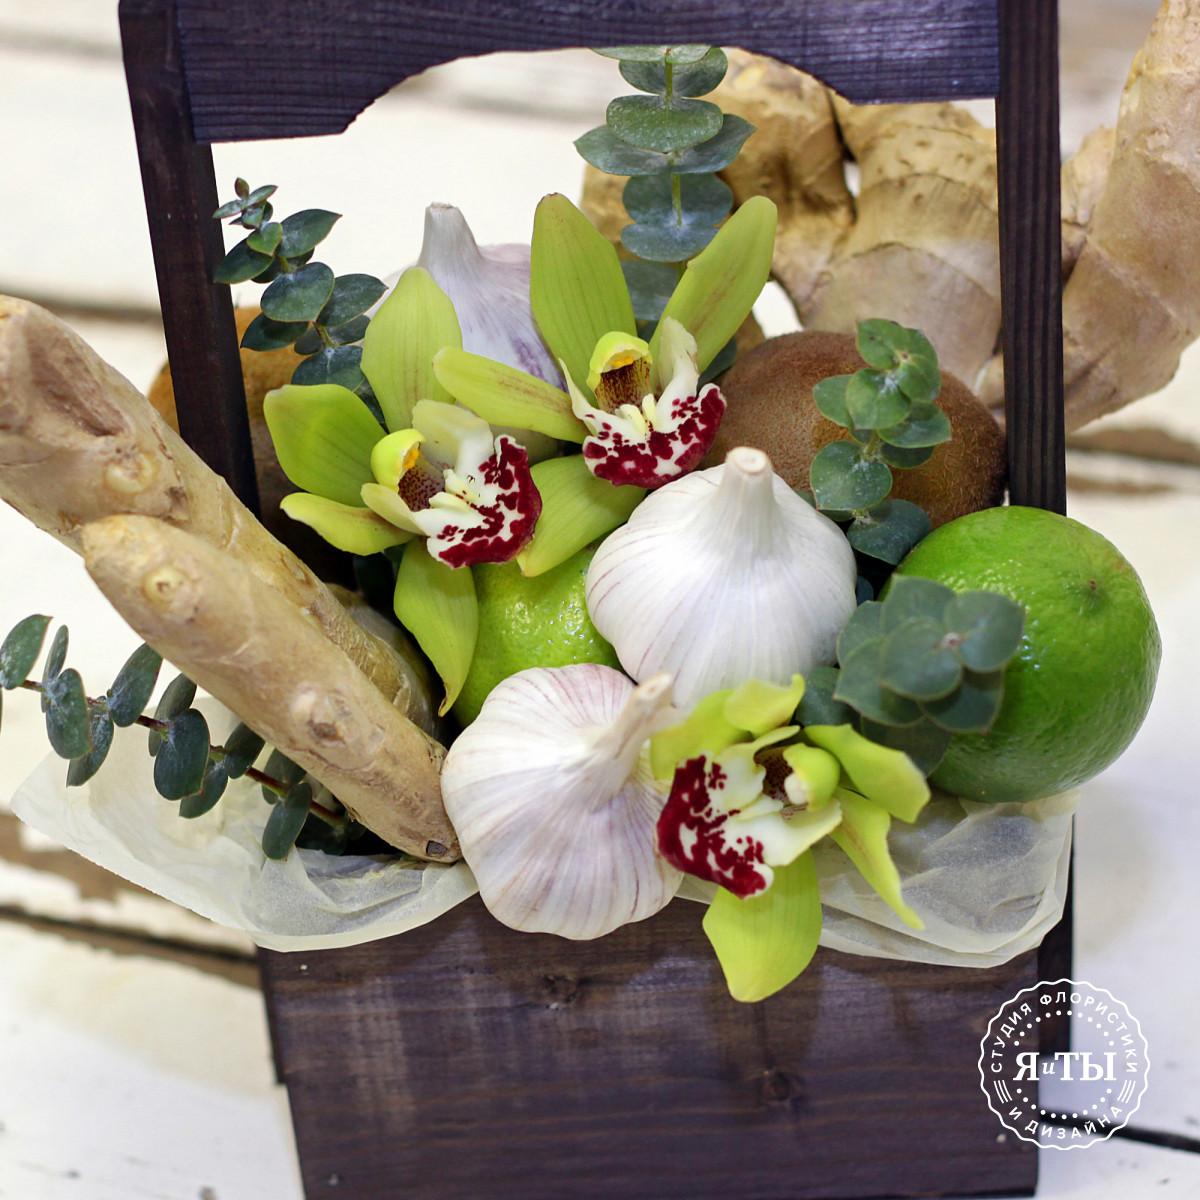 Овощной ящичек с орхидеями и имбирём